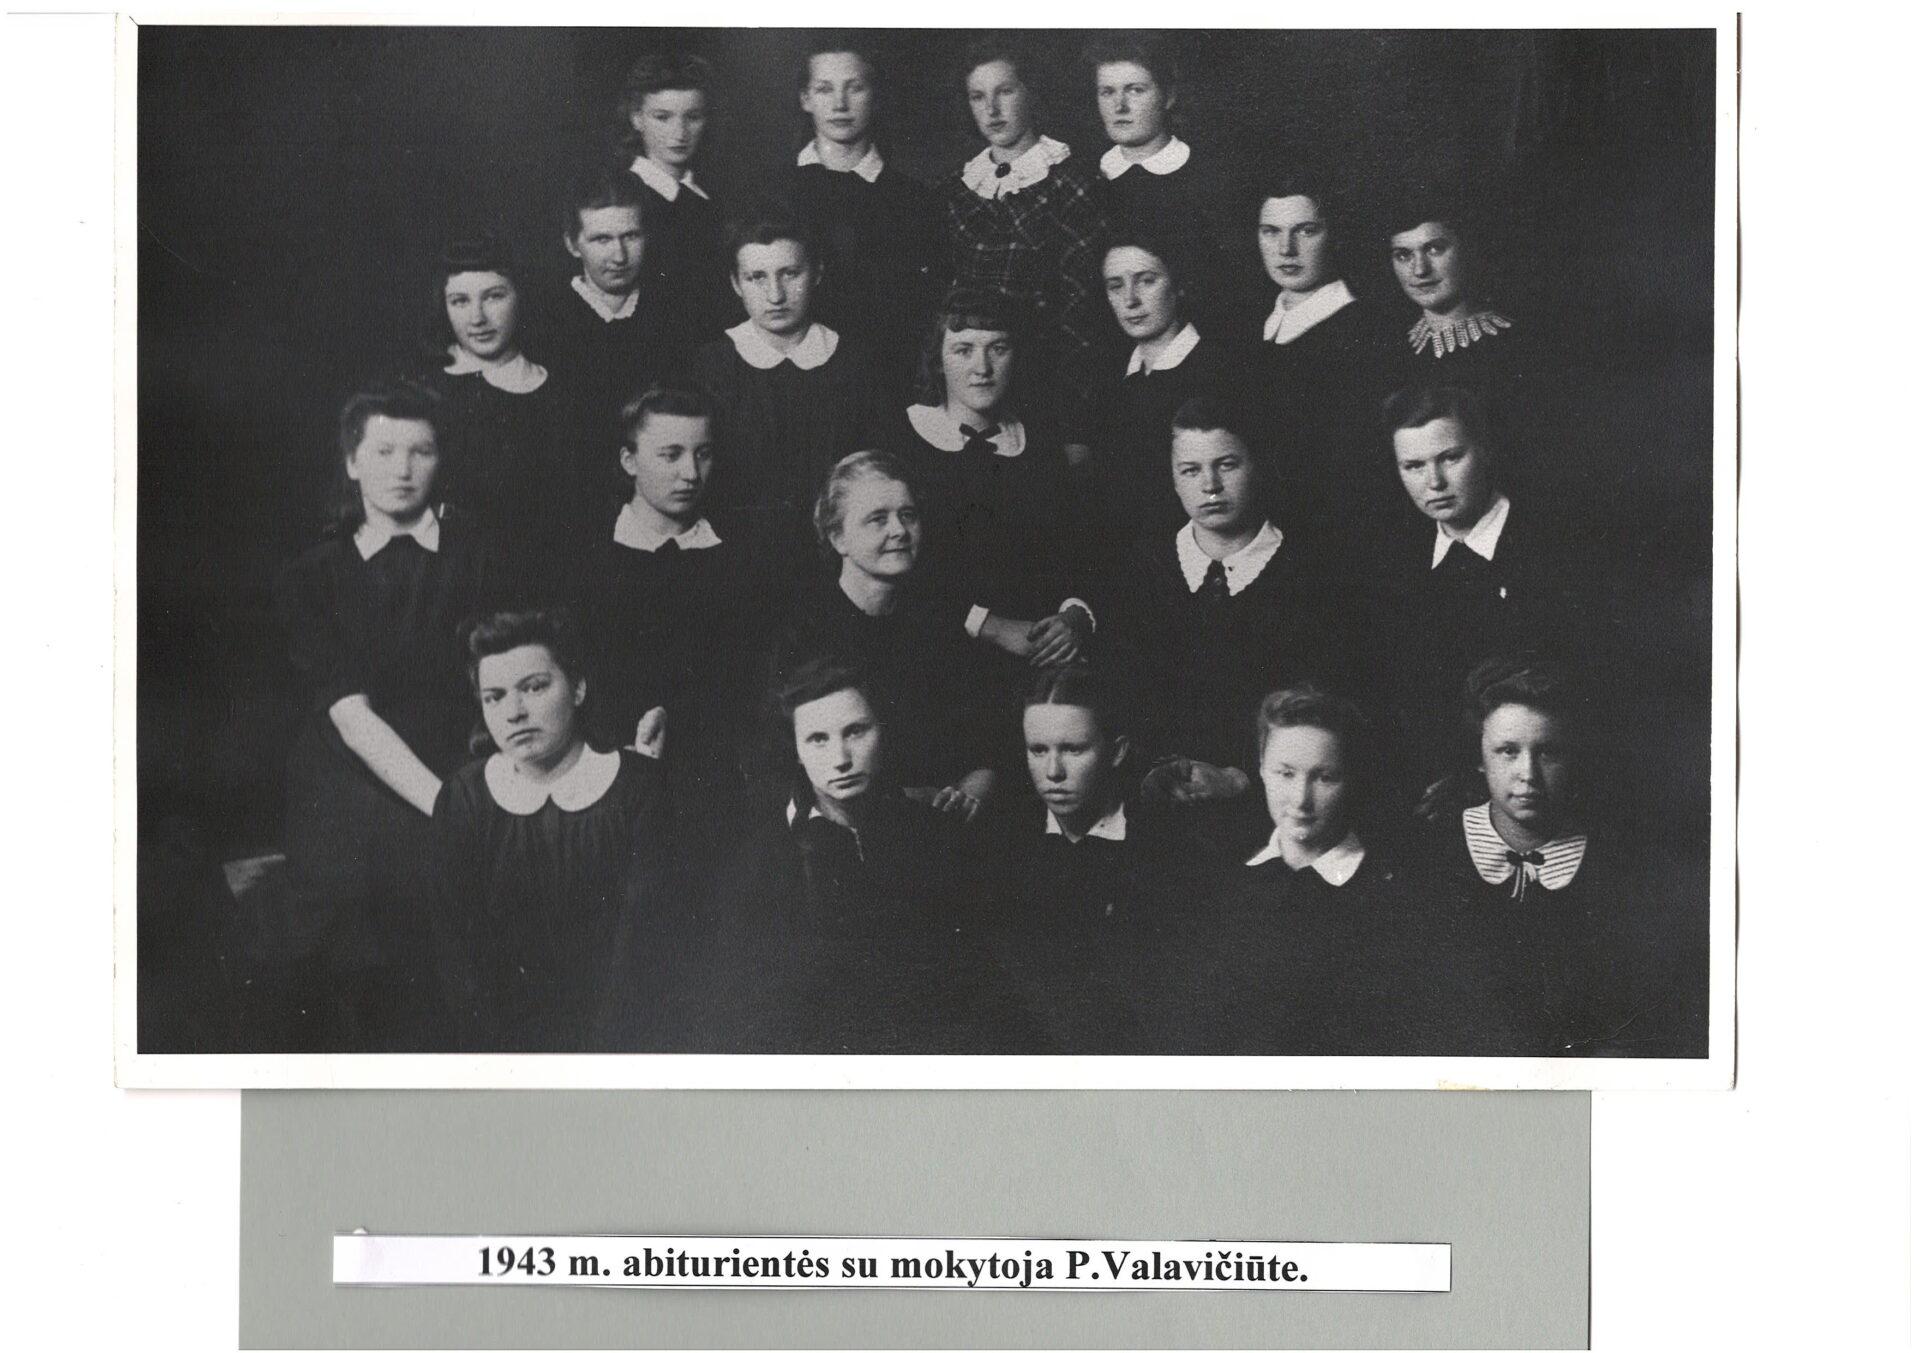 1943 m. abiturientės su mokytoja P.Valavičiūte